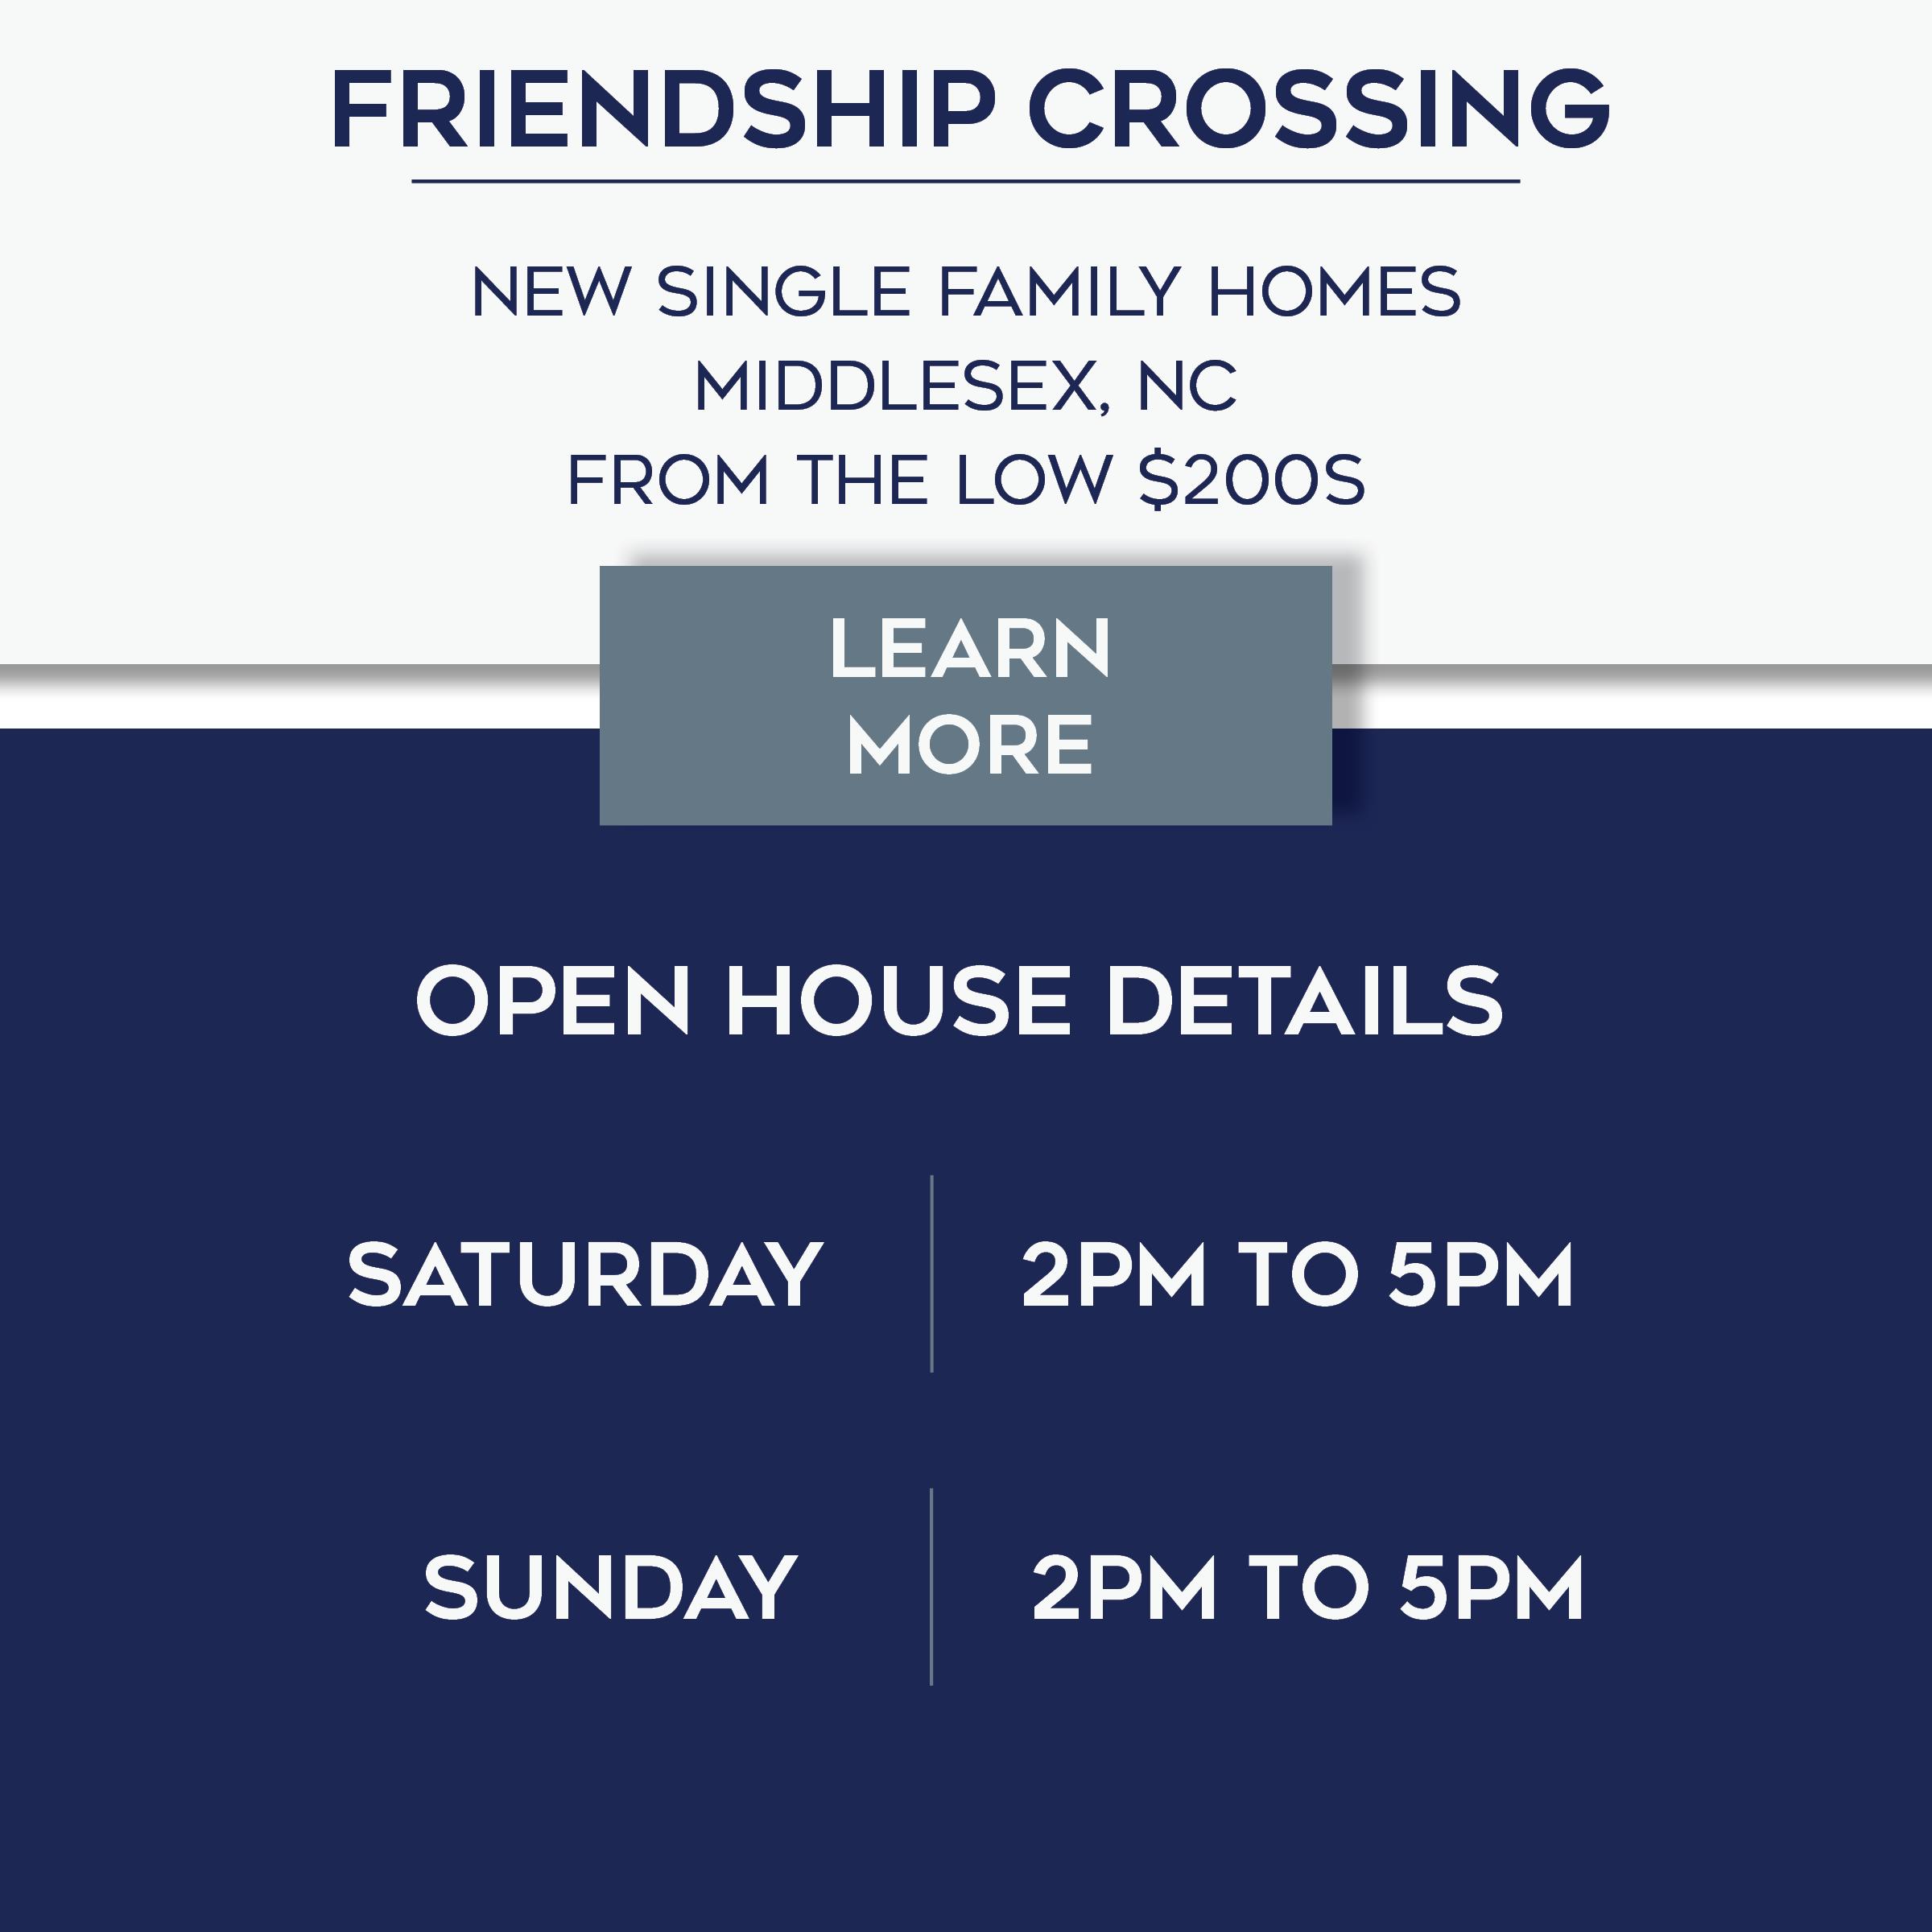 Friendship Crossing Open House